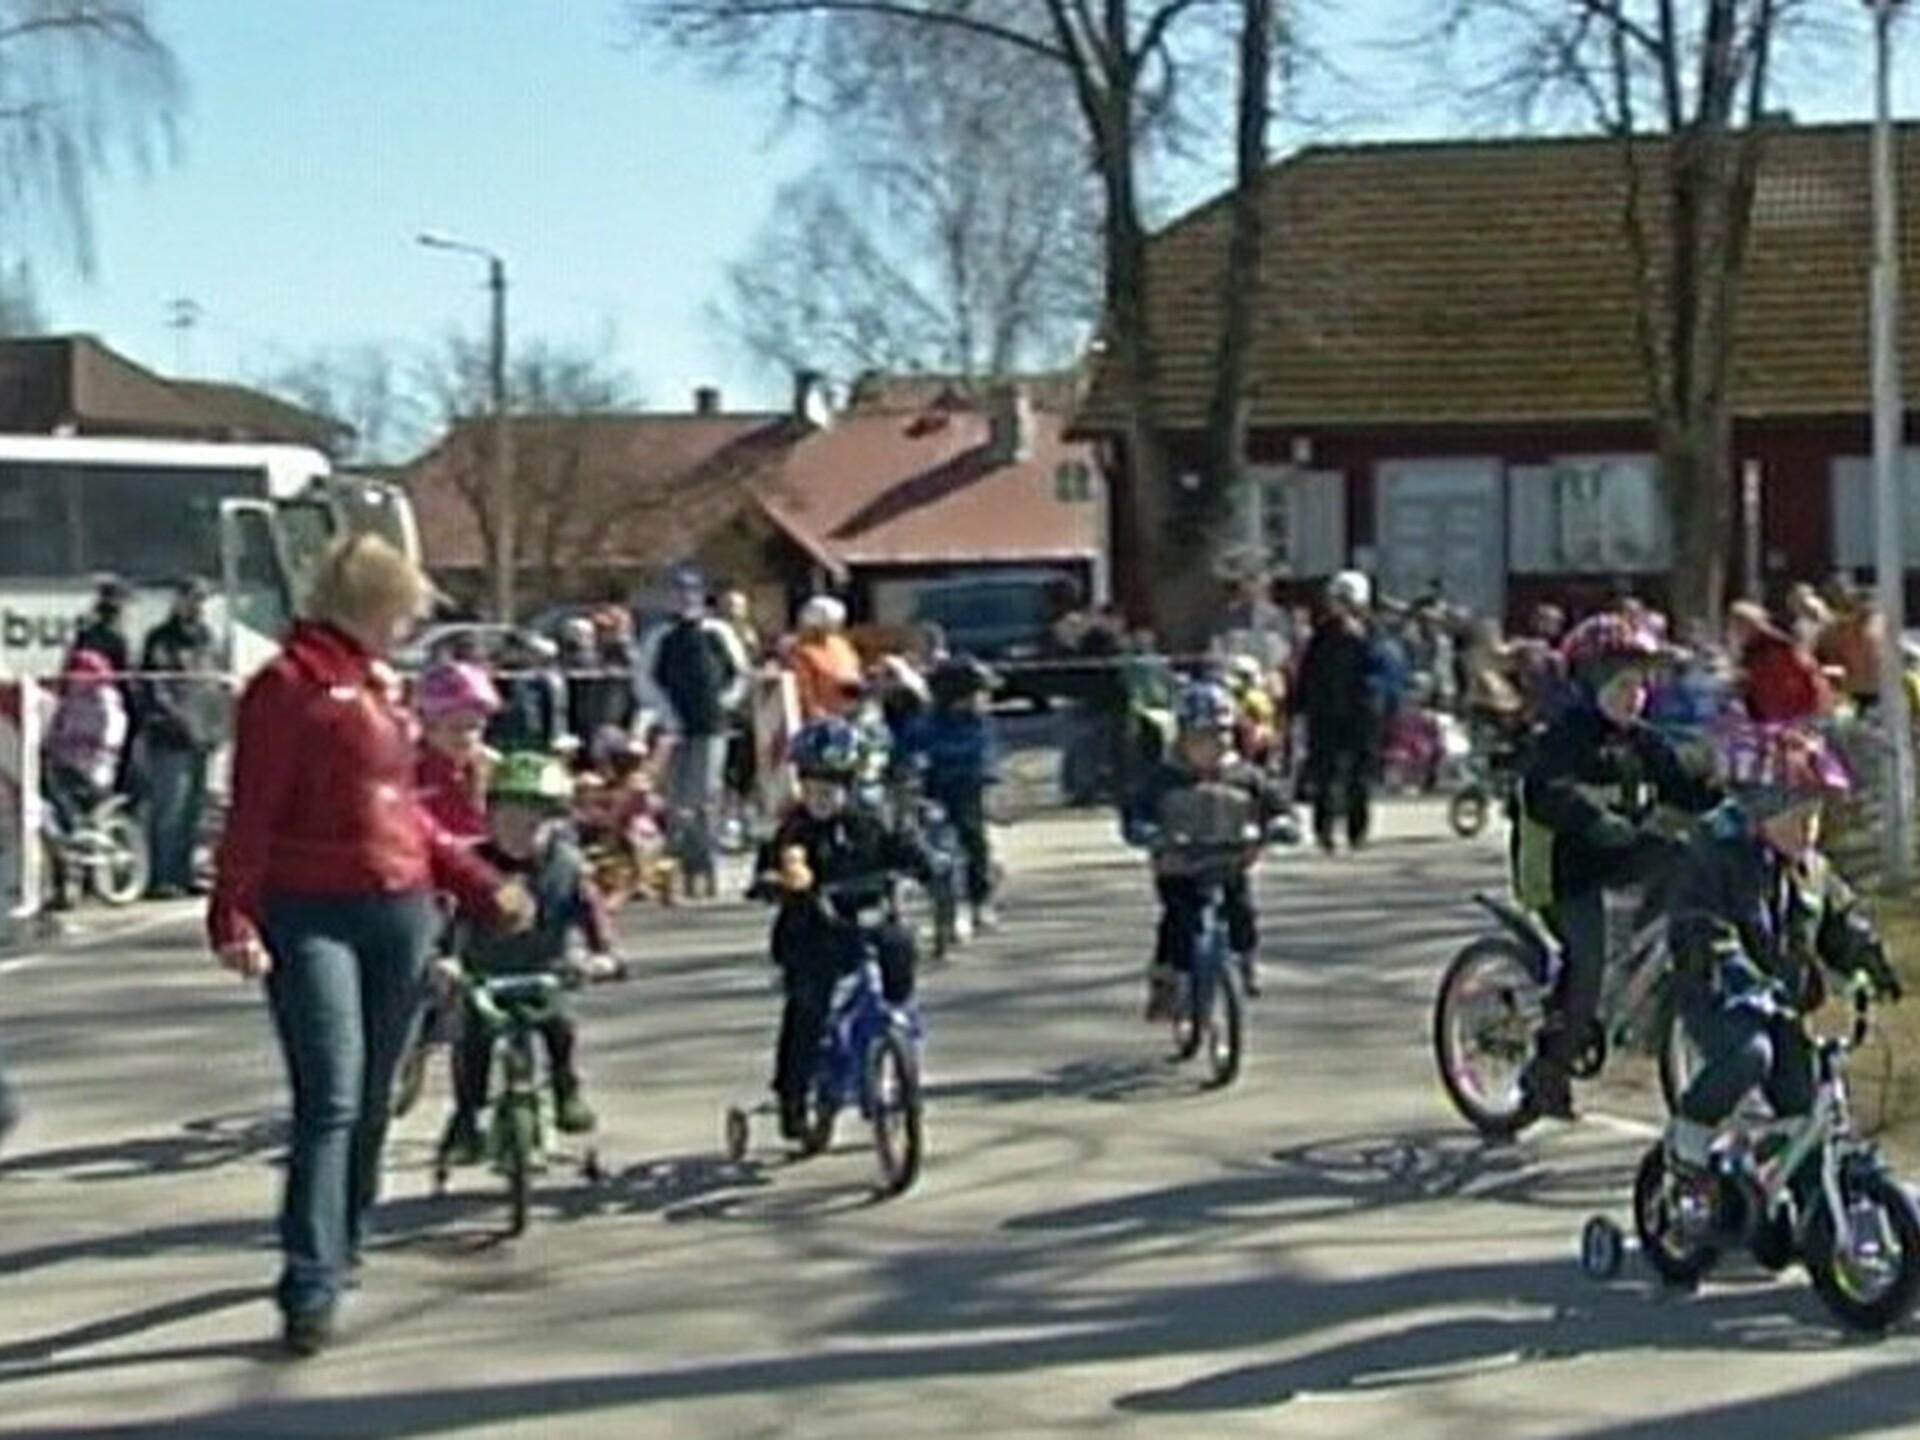 b9e94986ec4 Paides korraldati 40. aastat järjest väikelaste jalgrattavõistlus | Eesti |  ERR